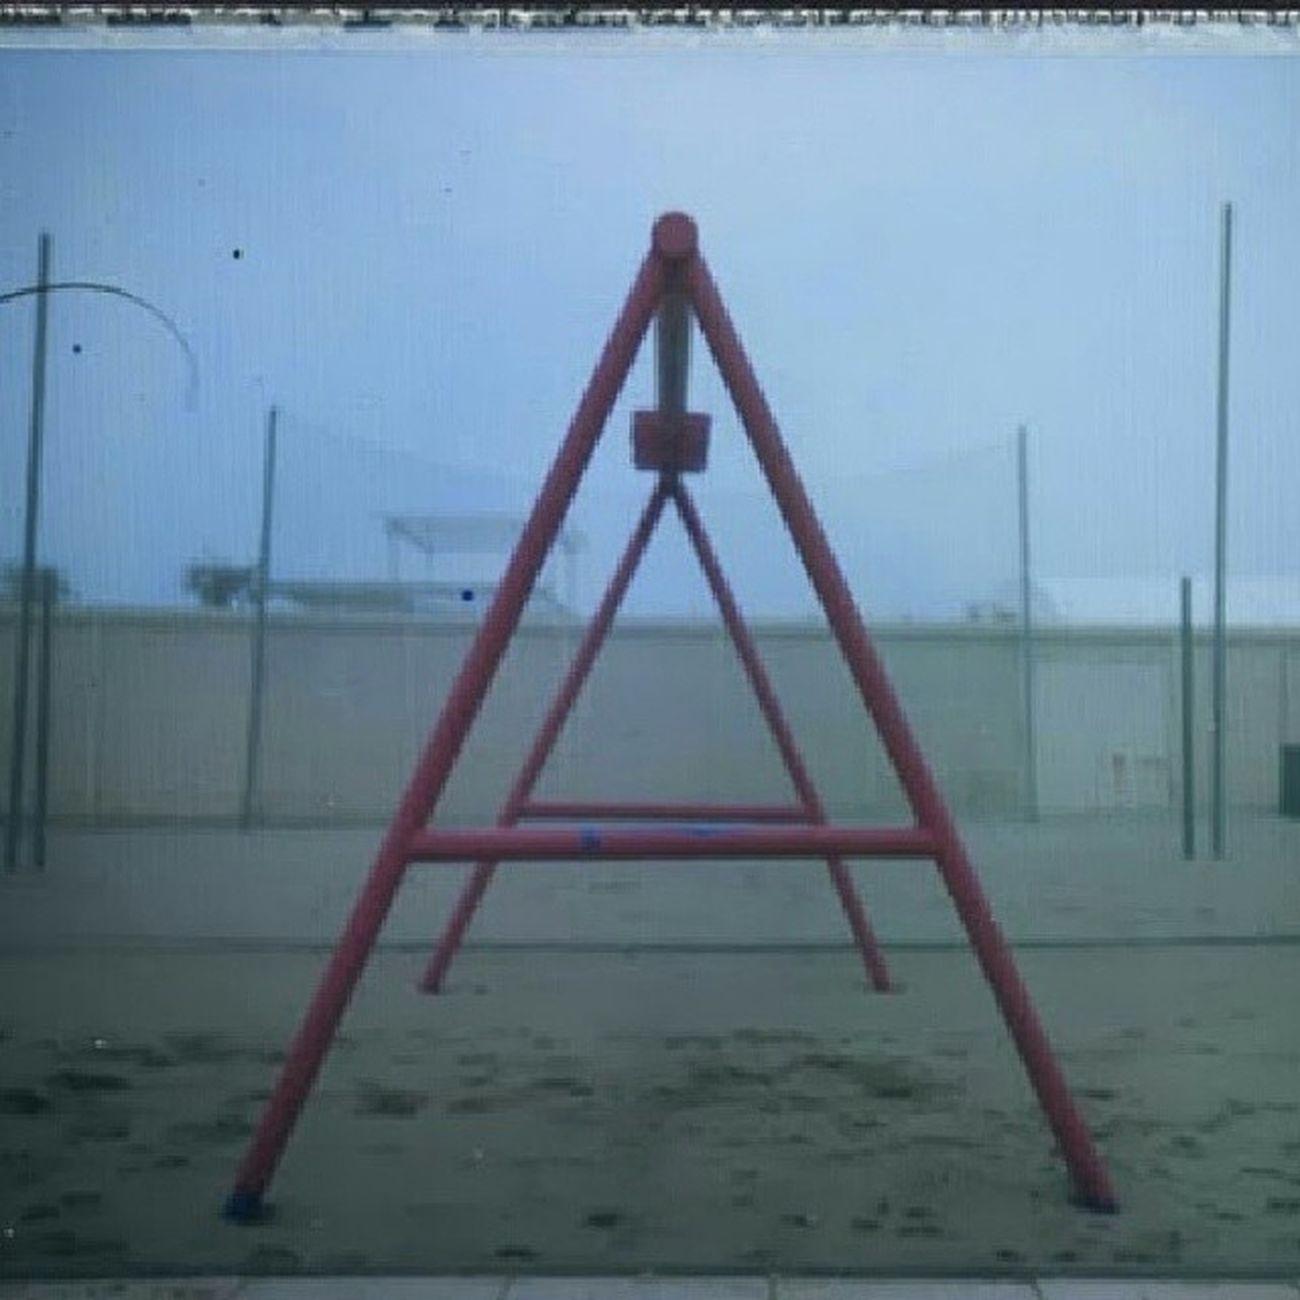 Geometricamente Scattando... Polaroid EE66+ Fp100 Slowphoto Polaroidmurah Polaroidpics Polaroidartitaly polaroidvintage polaroid misano spiaggia nebbia inverno